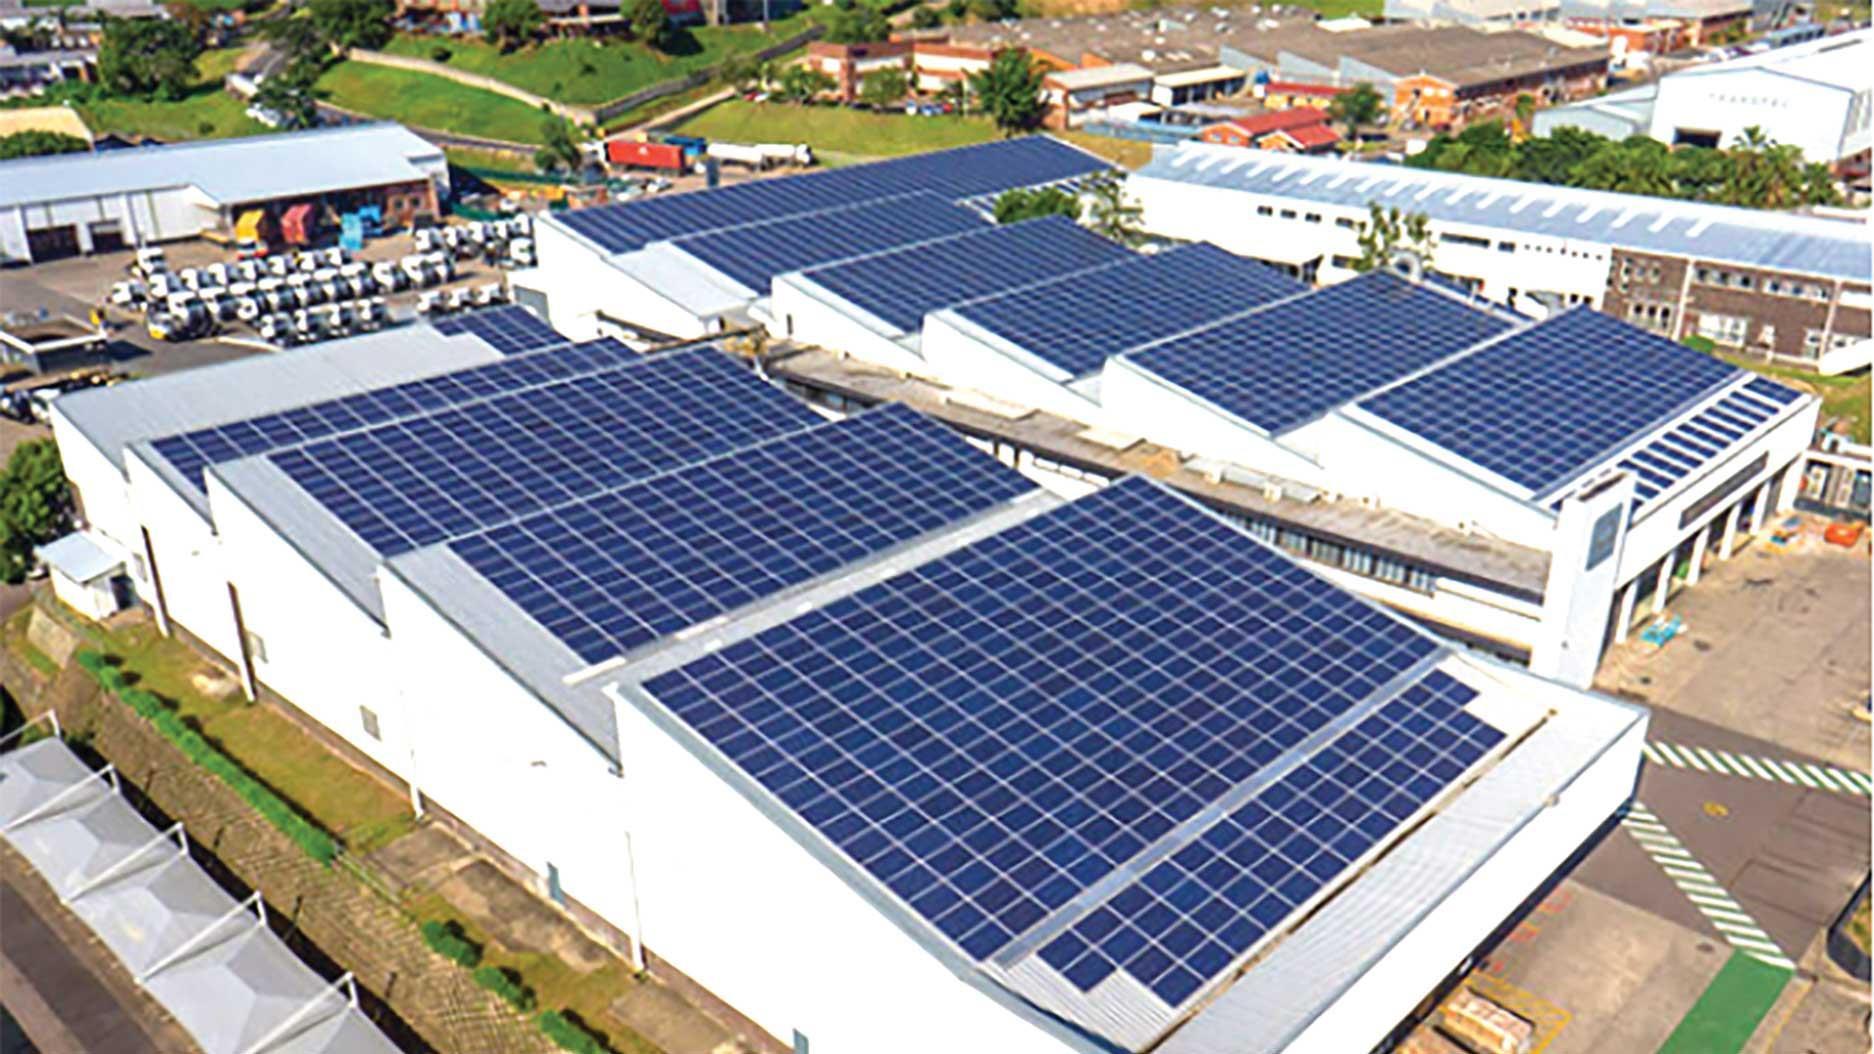 người dân và doanh nghiệp được sử dụng nguồn điện xanh và sạch với chi phí hợp lý. Qua đó góp phần tiết kiệm chi phí tiền điện đồng thời góp phần xây dựng TPHCM thực sự là đô thị thông minh, có môi trường sống xanh - sạch - đẹp.